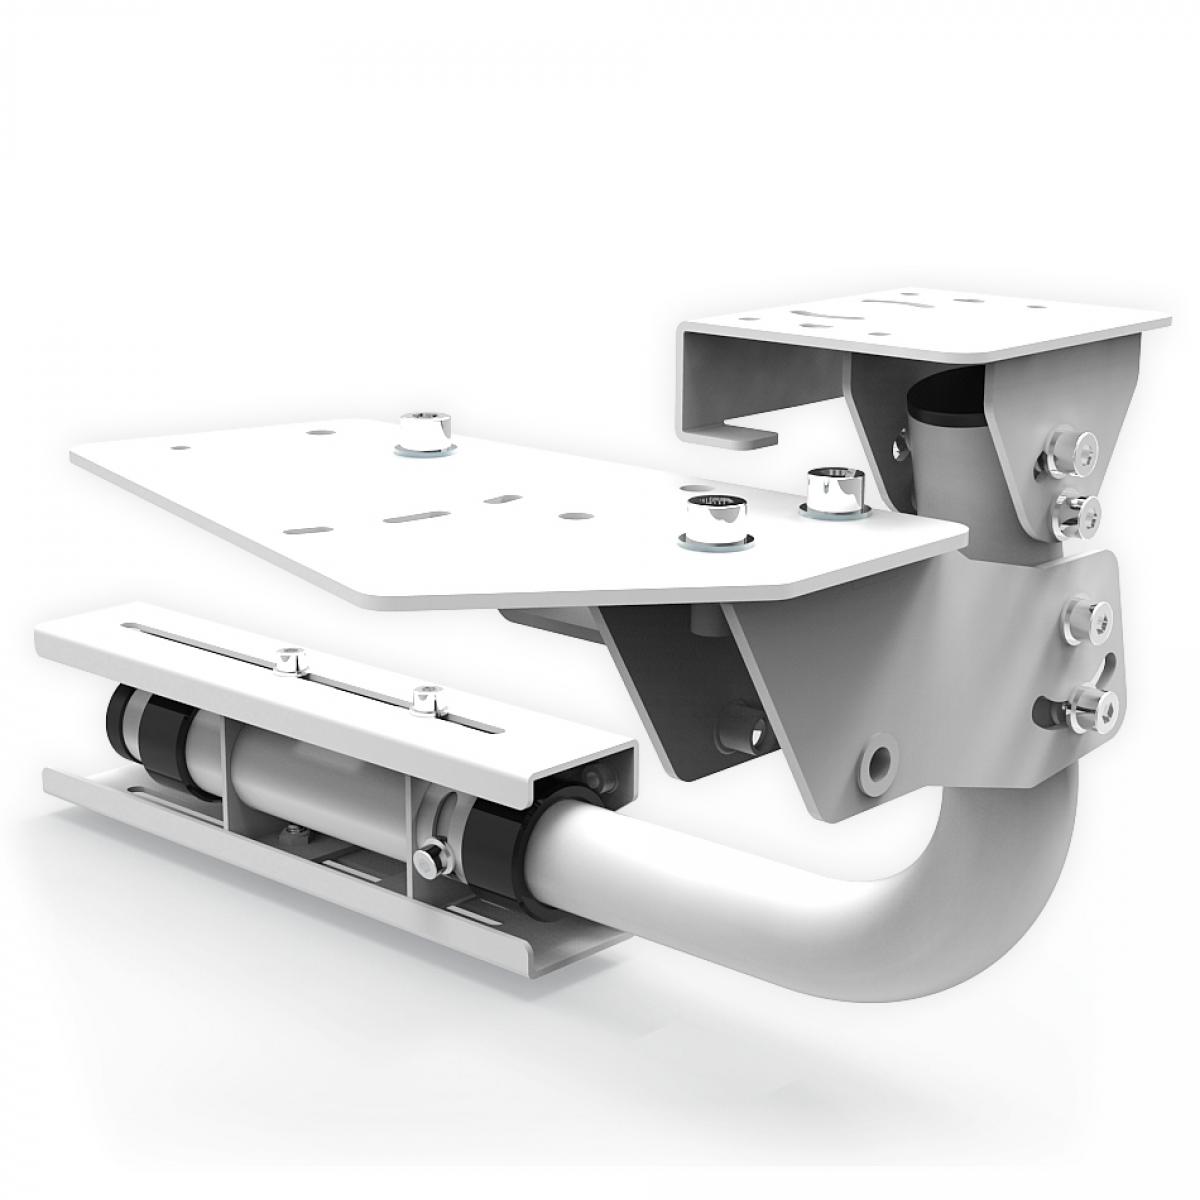 RSEAT N1 Shifter/Handbrake Upgrade kit White